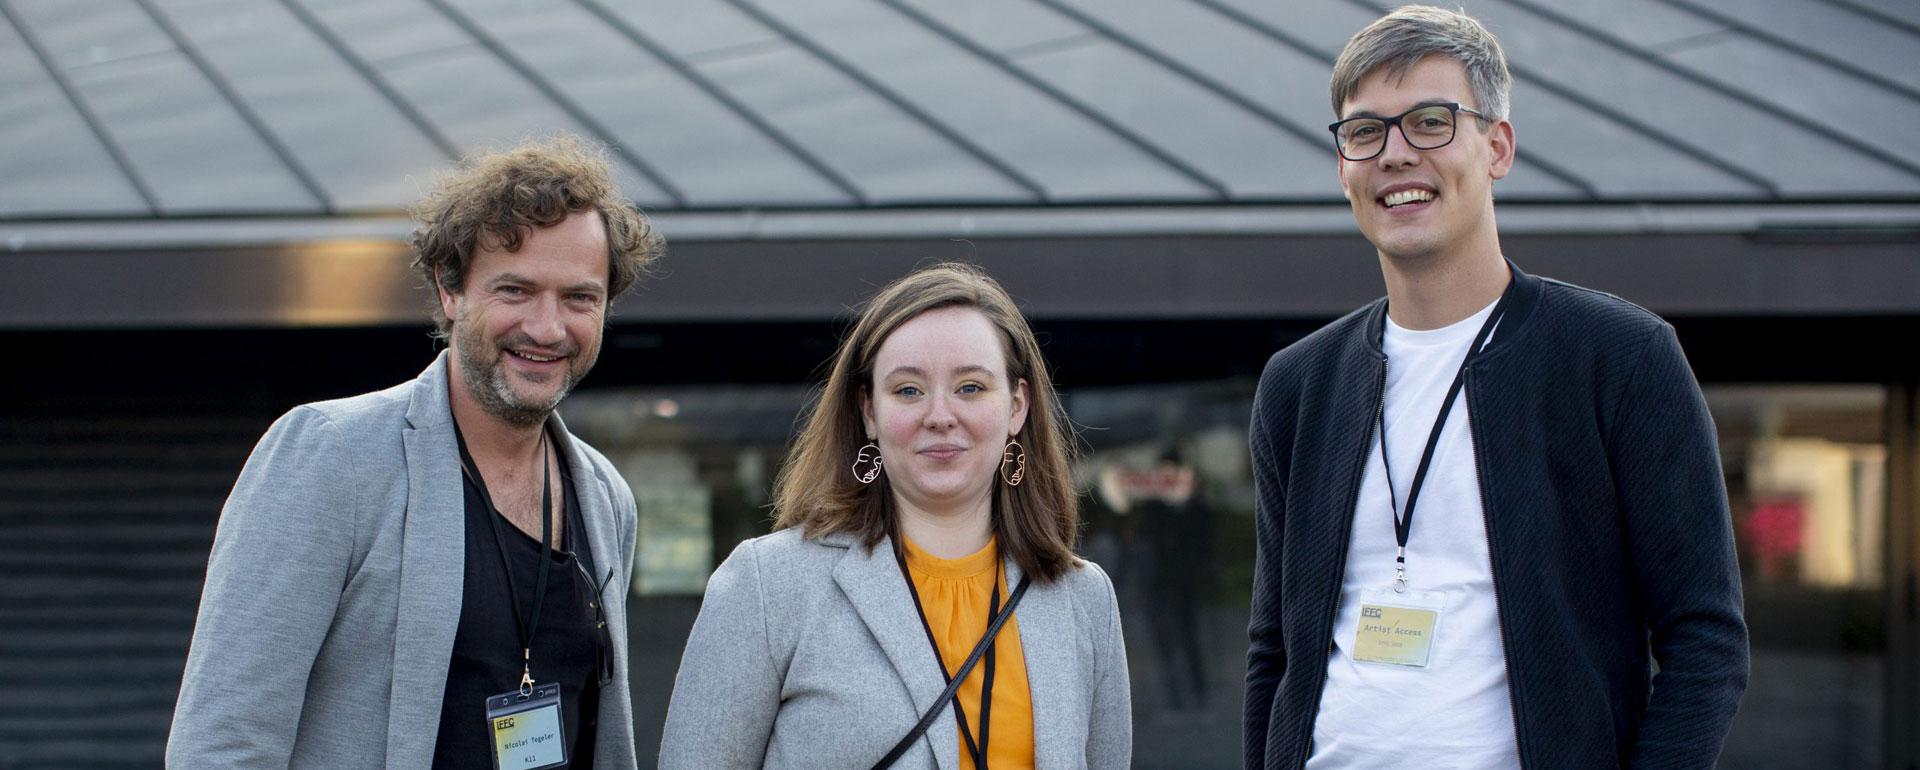 Regisseur Tegeler (l.) beim IFFC in Köln